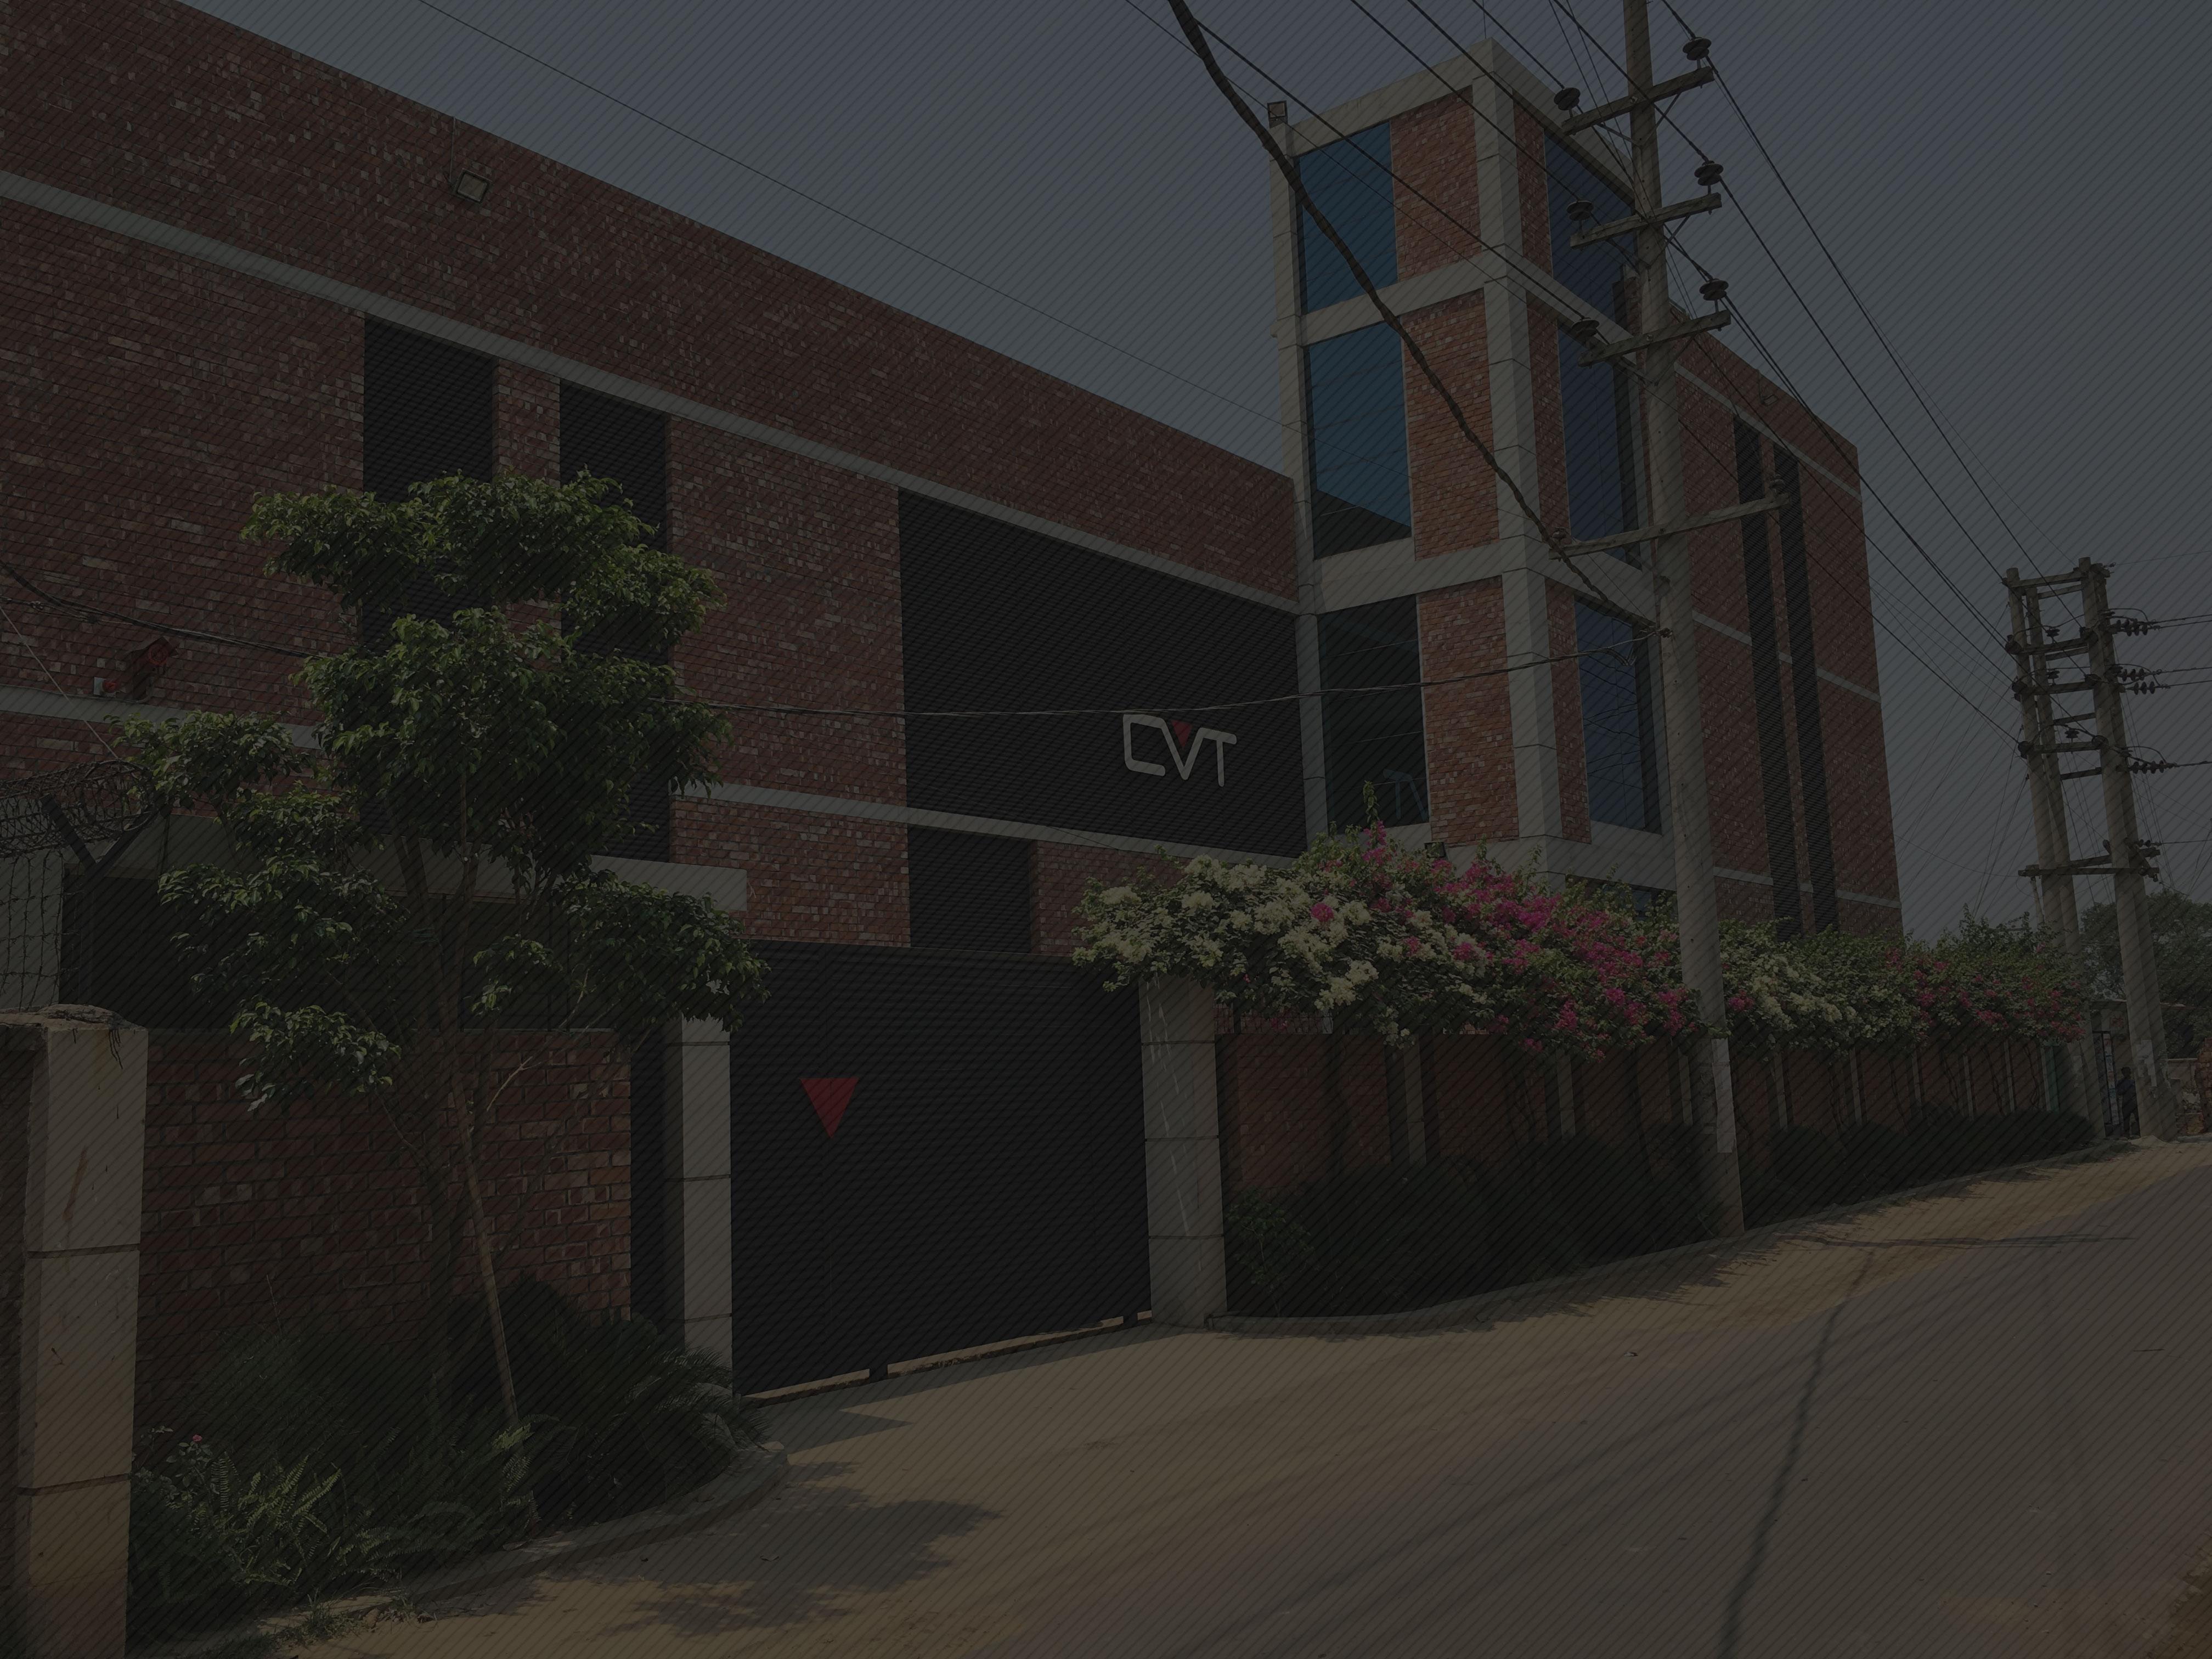 Centre for Vocational Training